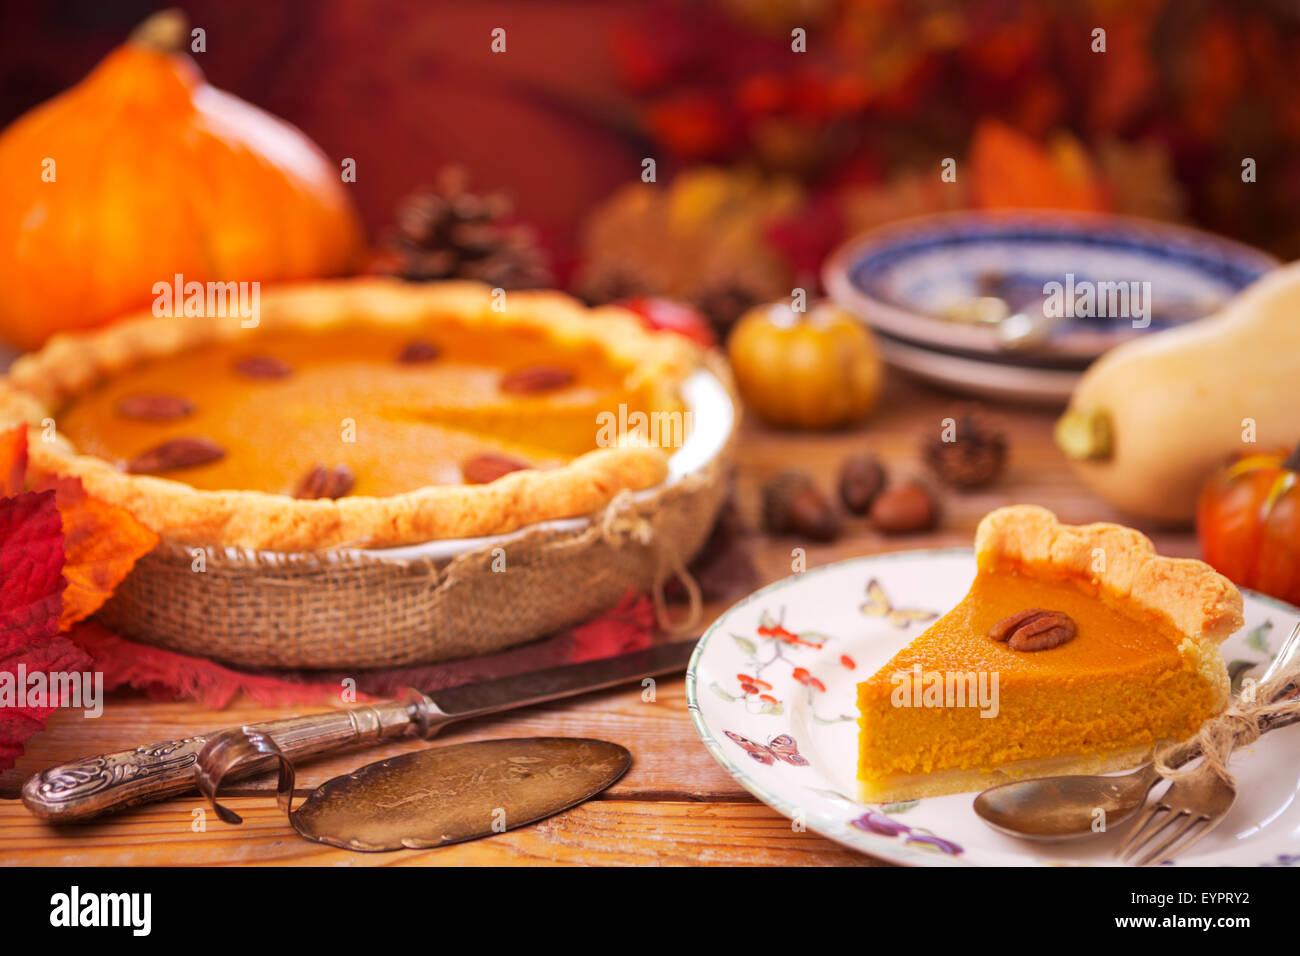 Hausgemachte Kürbis-Kuchen auf einem rustikalen Tisch mit herbstlichen Dekorationen. Stockfoto